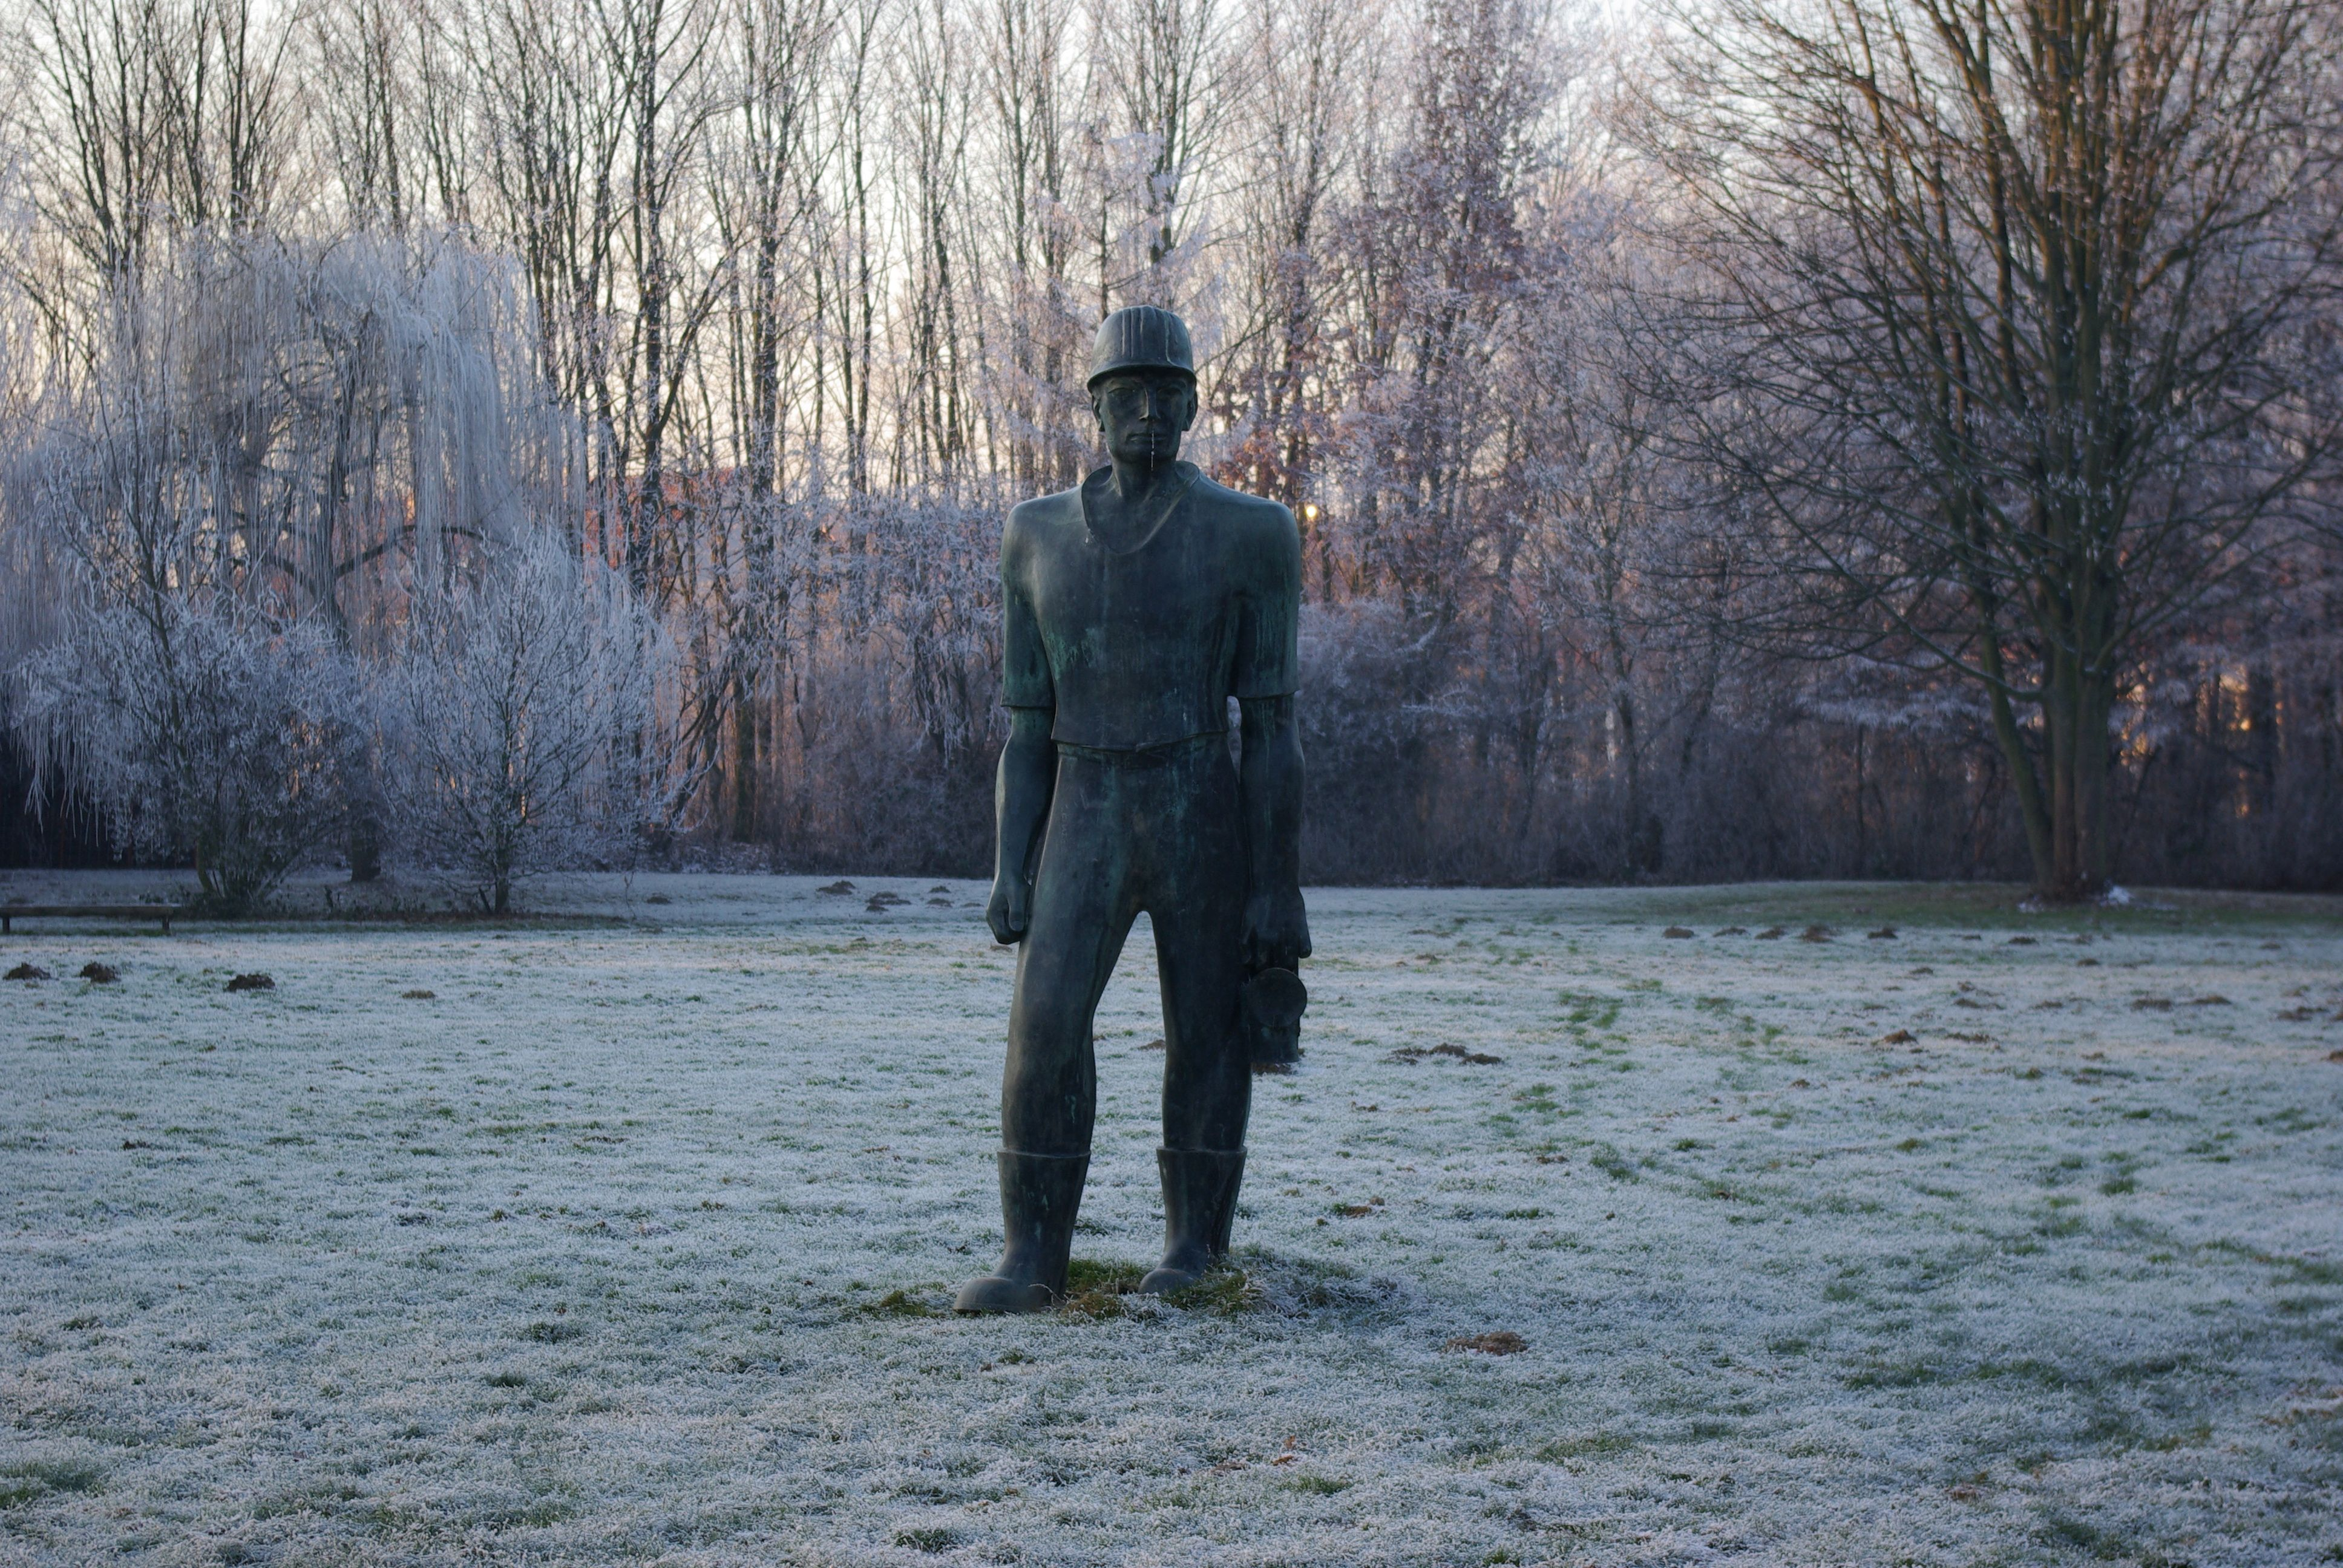 http://upload.wikimedia.org/wikipedia/commons/6/66/Lengede_Seilbahnpark_Bergmann.jpg